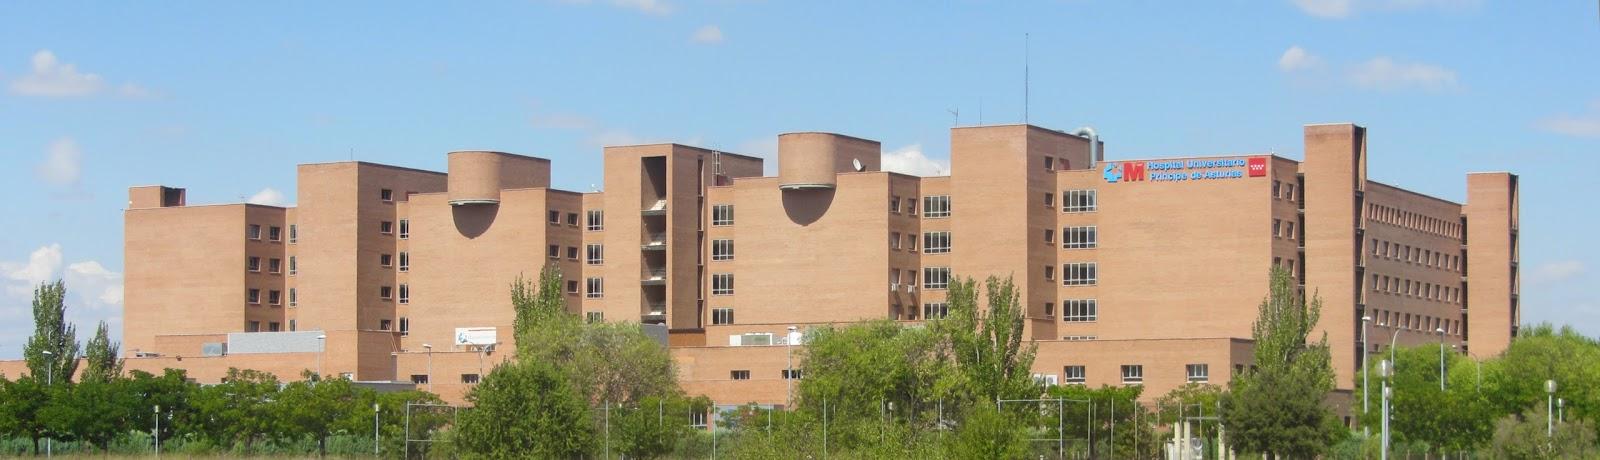 Hospital Príncipe de Asturias Aulas Hospitalarias